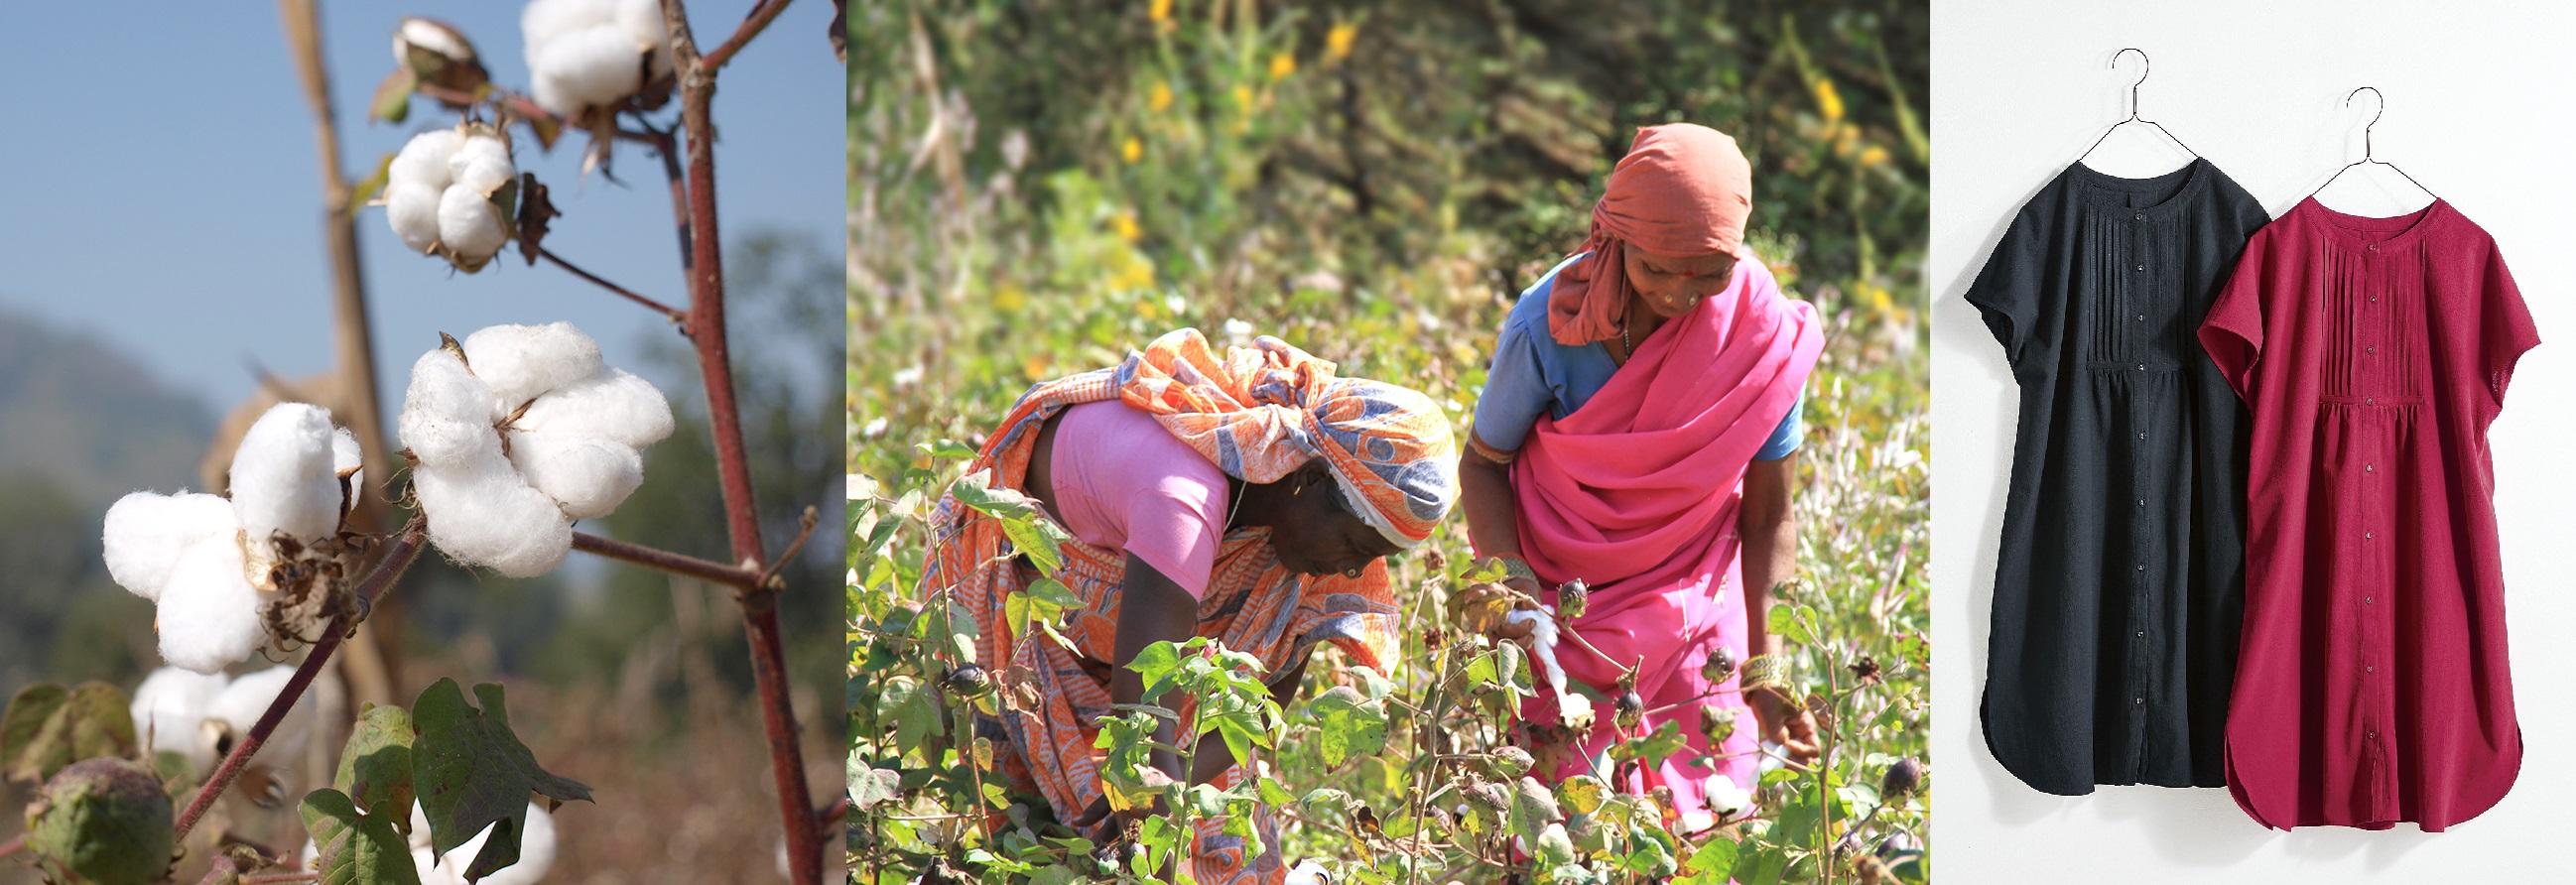 地球と人にやさしいオーガニックコットンの服作り、フェリシモLive love cotton(リブ ラブ コットン)プロジェクトで集まった基金総額が530万円以上となったことを発表